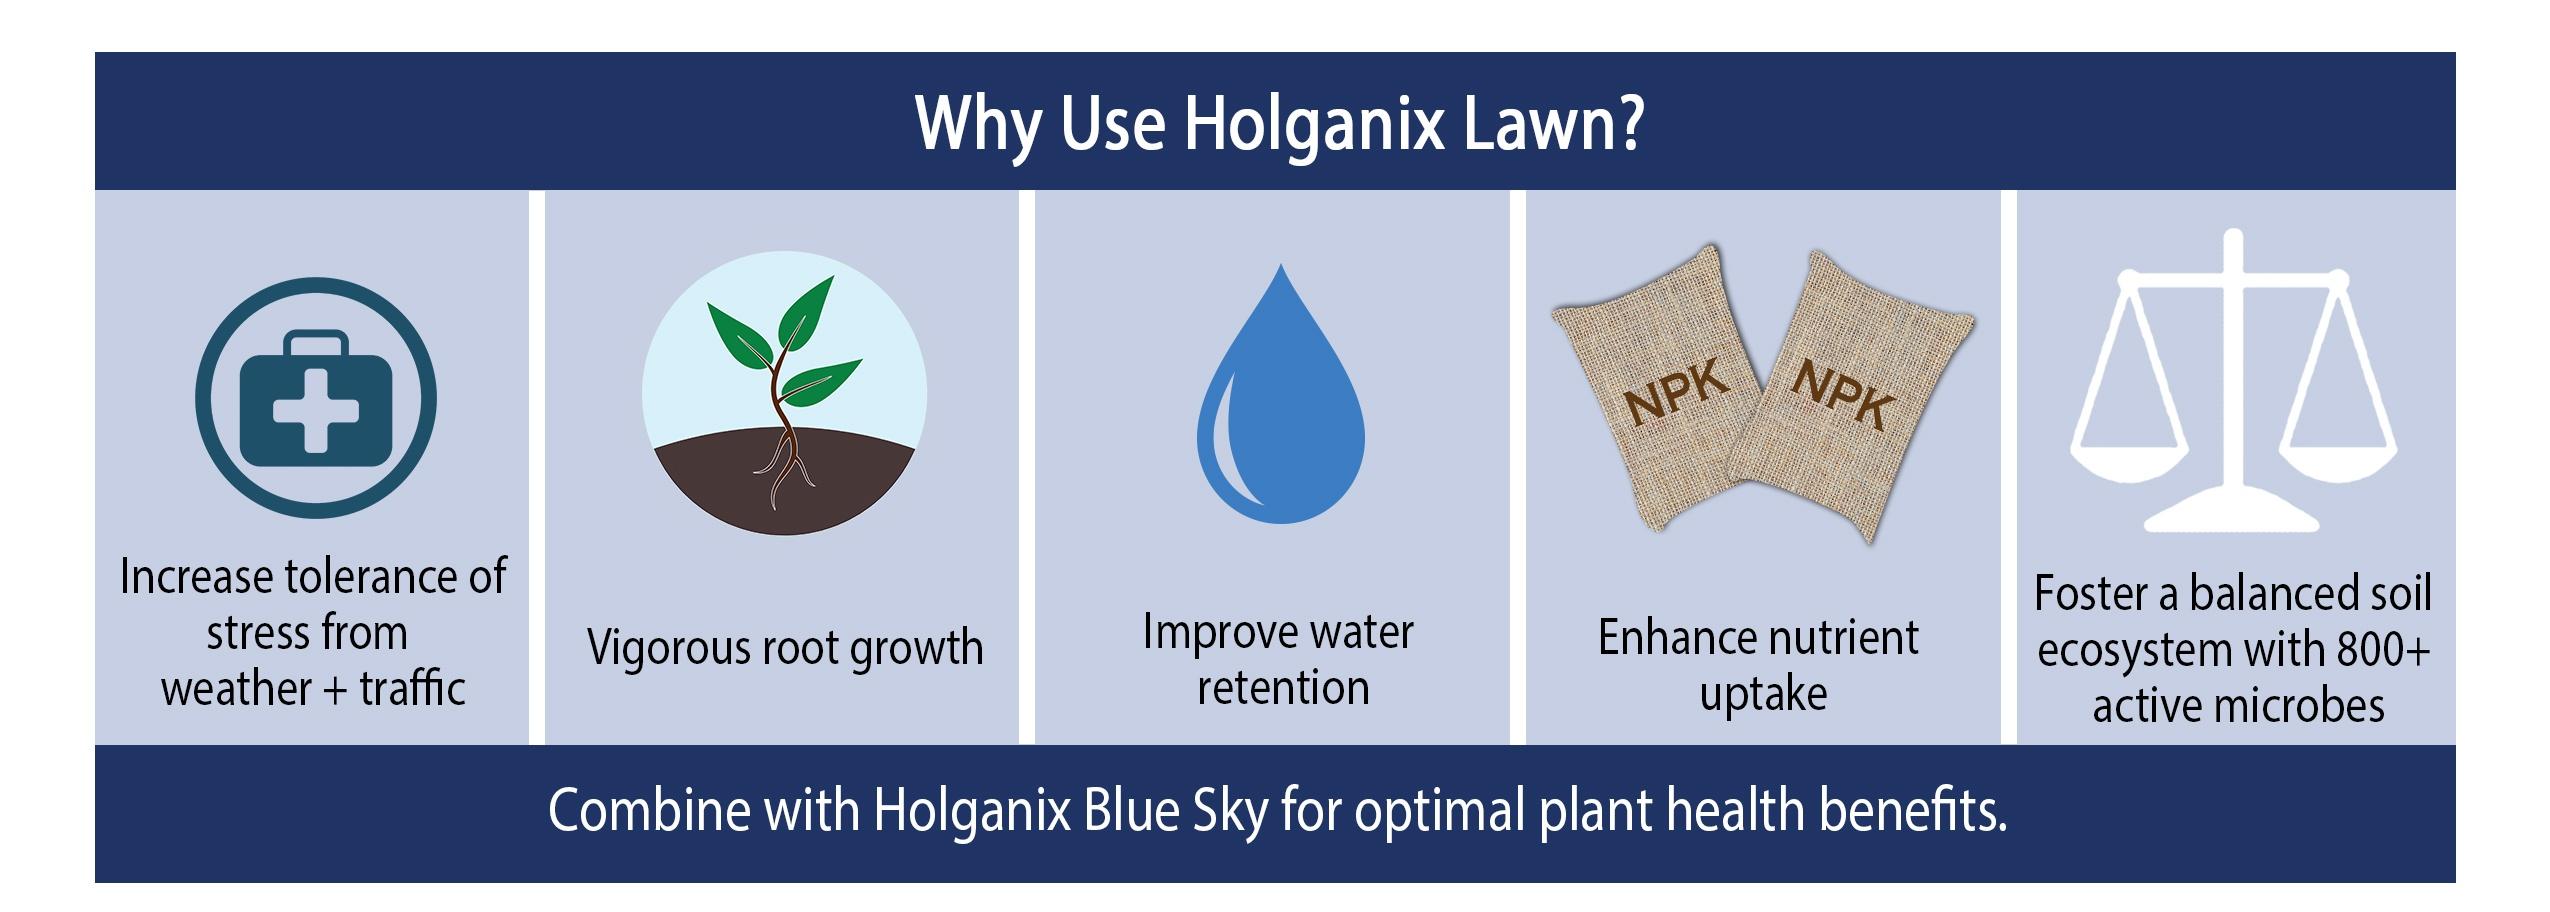 Why use Holganix lawn.jpg